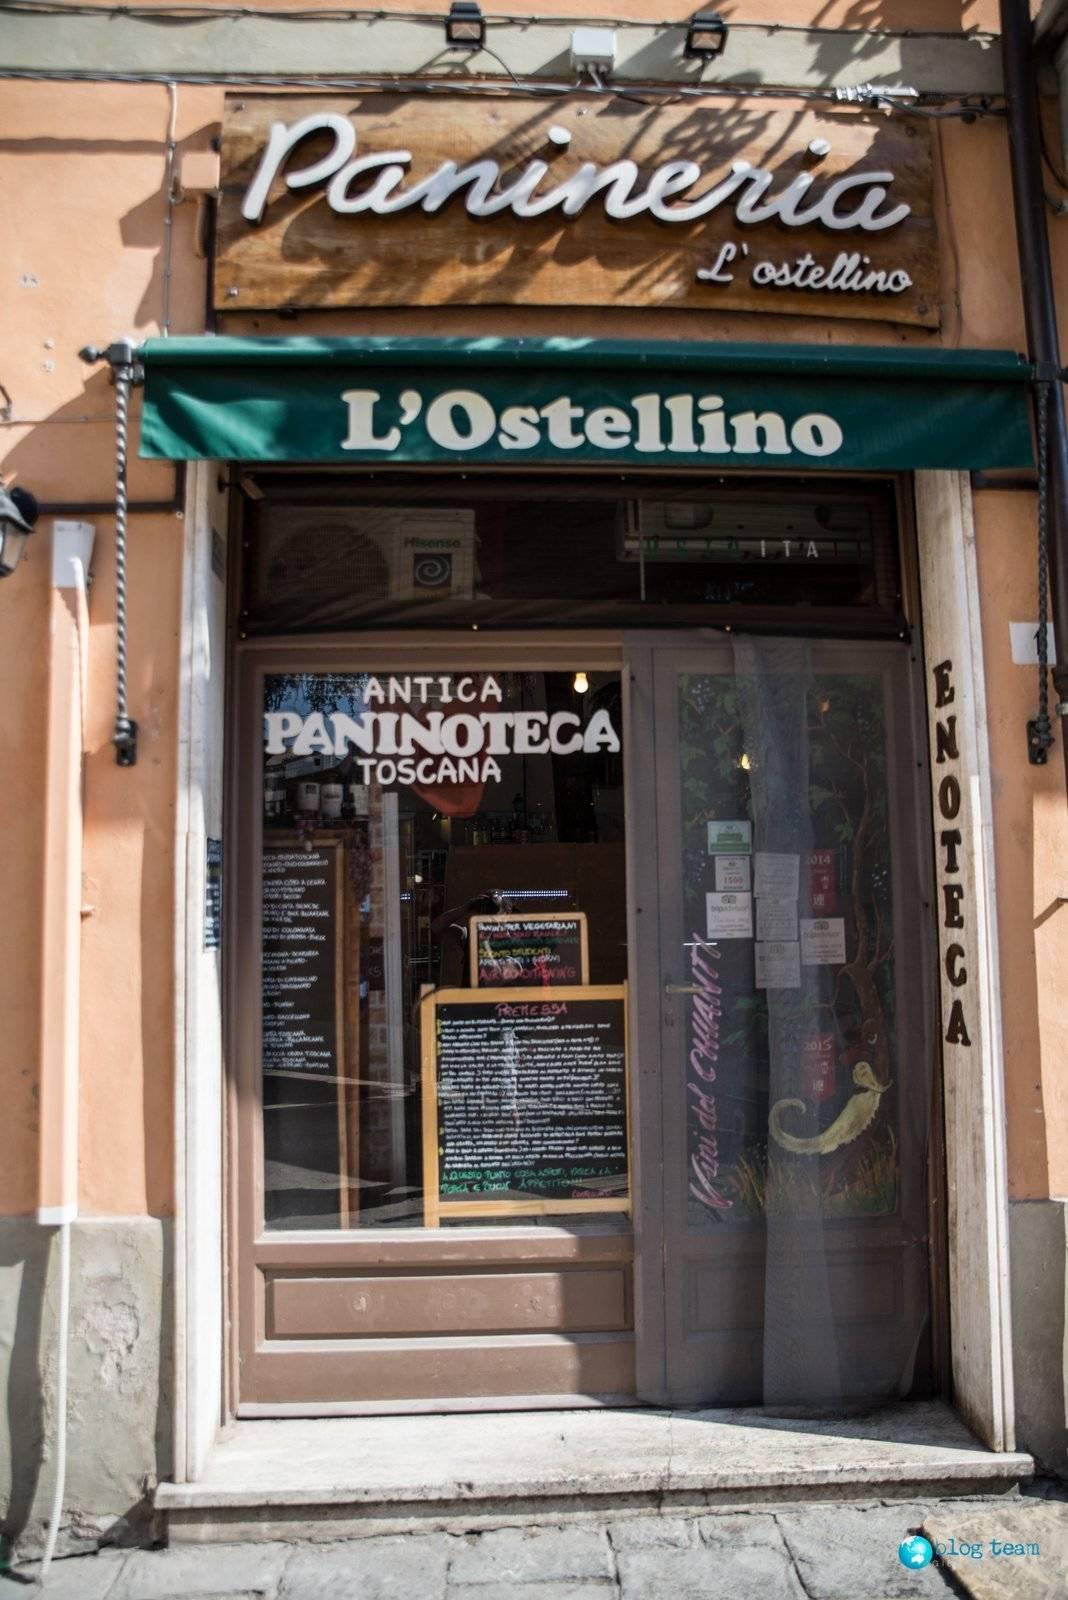 L'Ostellino najelepsze panini w Pizie?